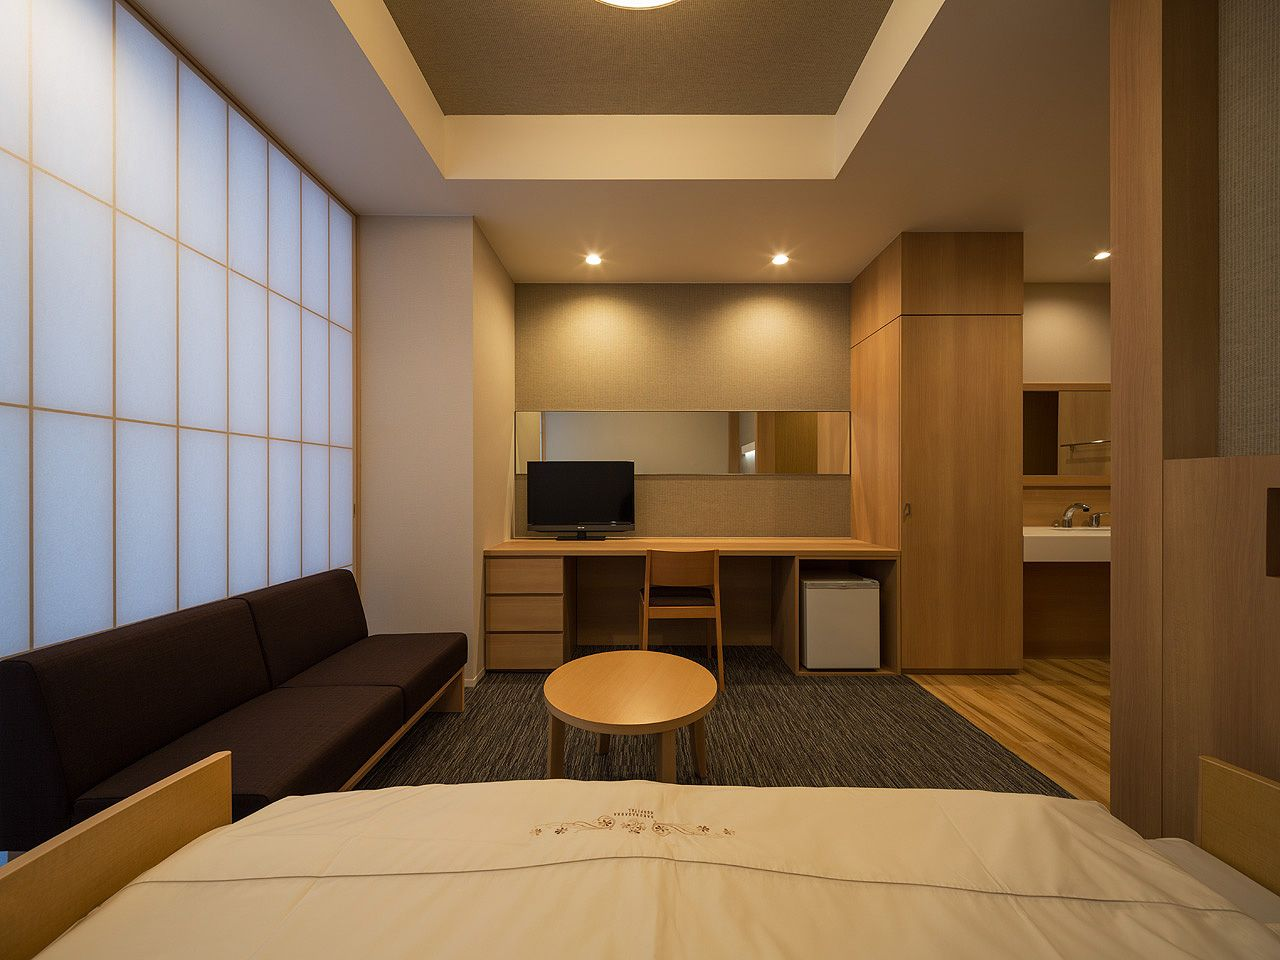 桜ヶ丘病院 60床 病院の設計 病院 デザイナーズ ハウス